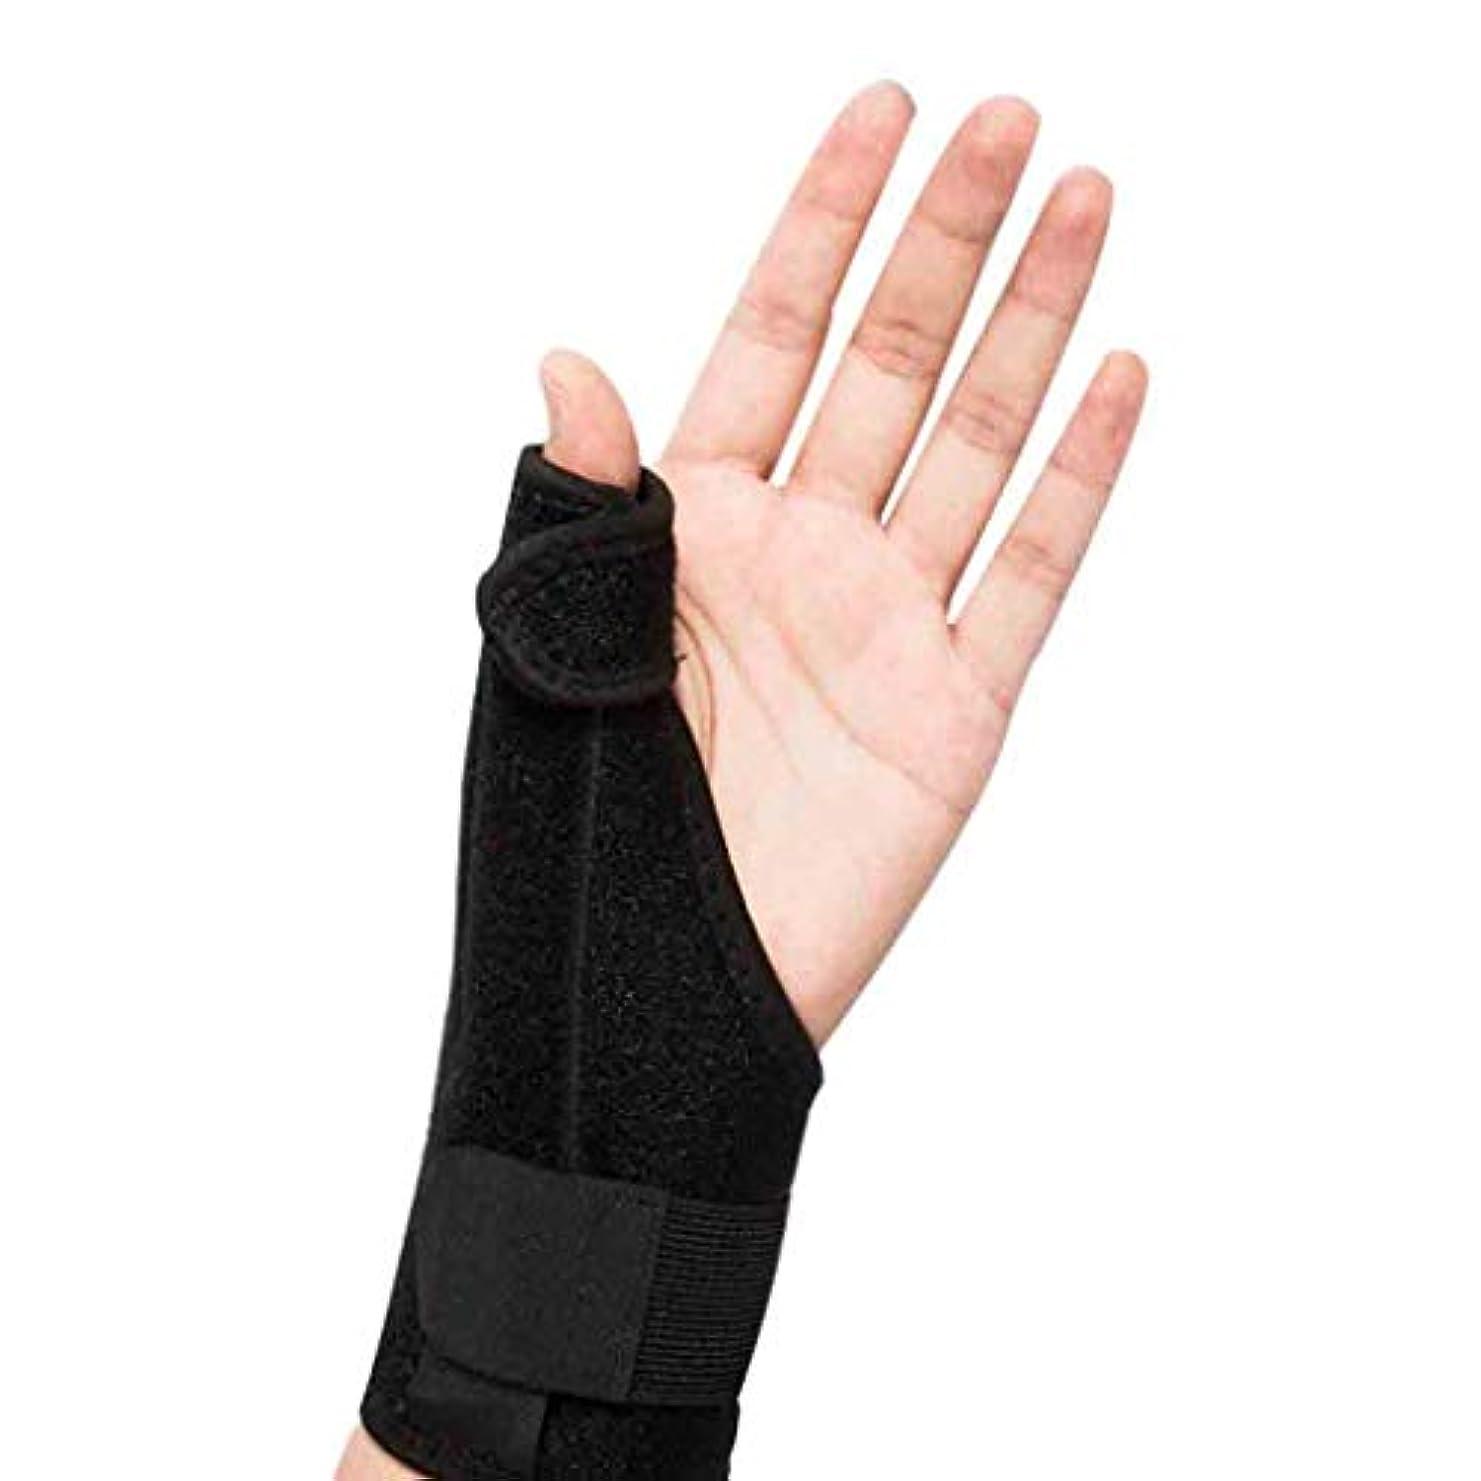 ゴム逸話協定ThumbスプリントトリガーThumb腱鞘炎Wristband関節炎トリートメントThumb捻挫の関節を固定&安定化するブレース Roscloud@